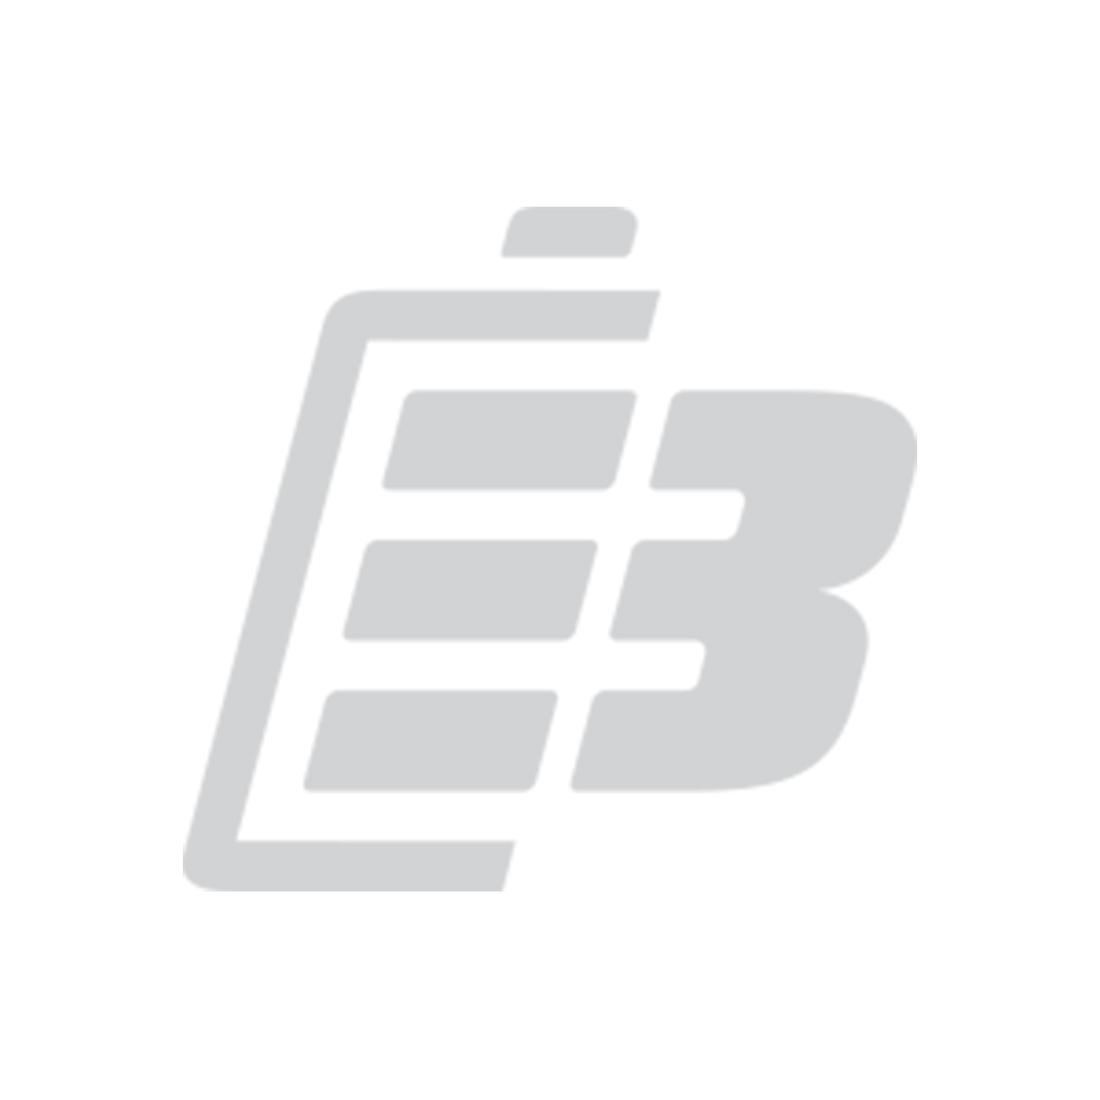 Τροφοδοτικό Laptop για Apple 18.5V 85W_1